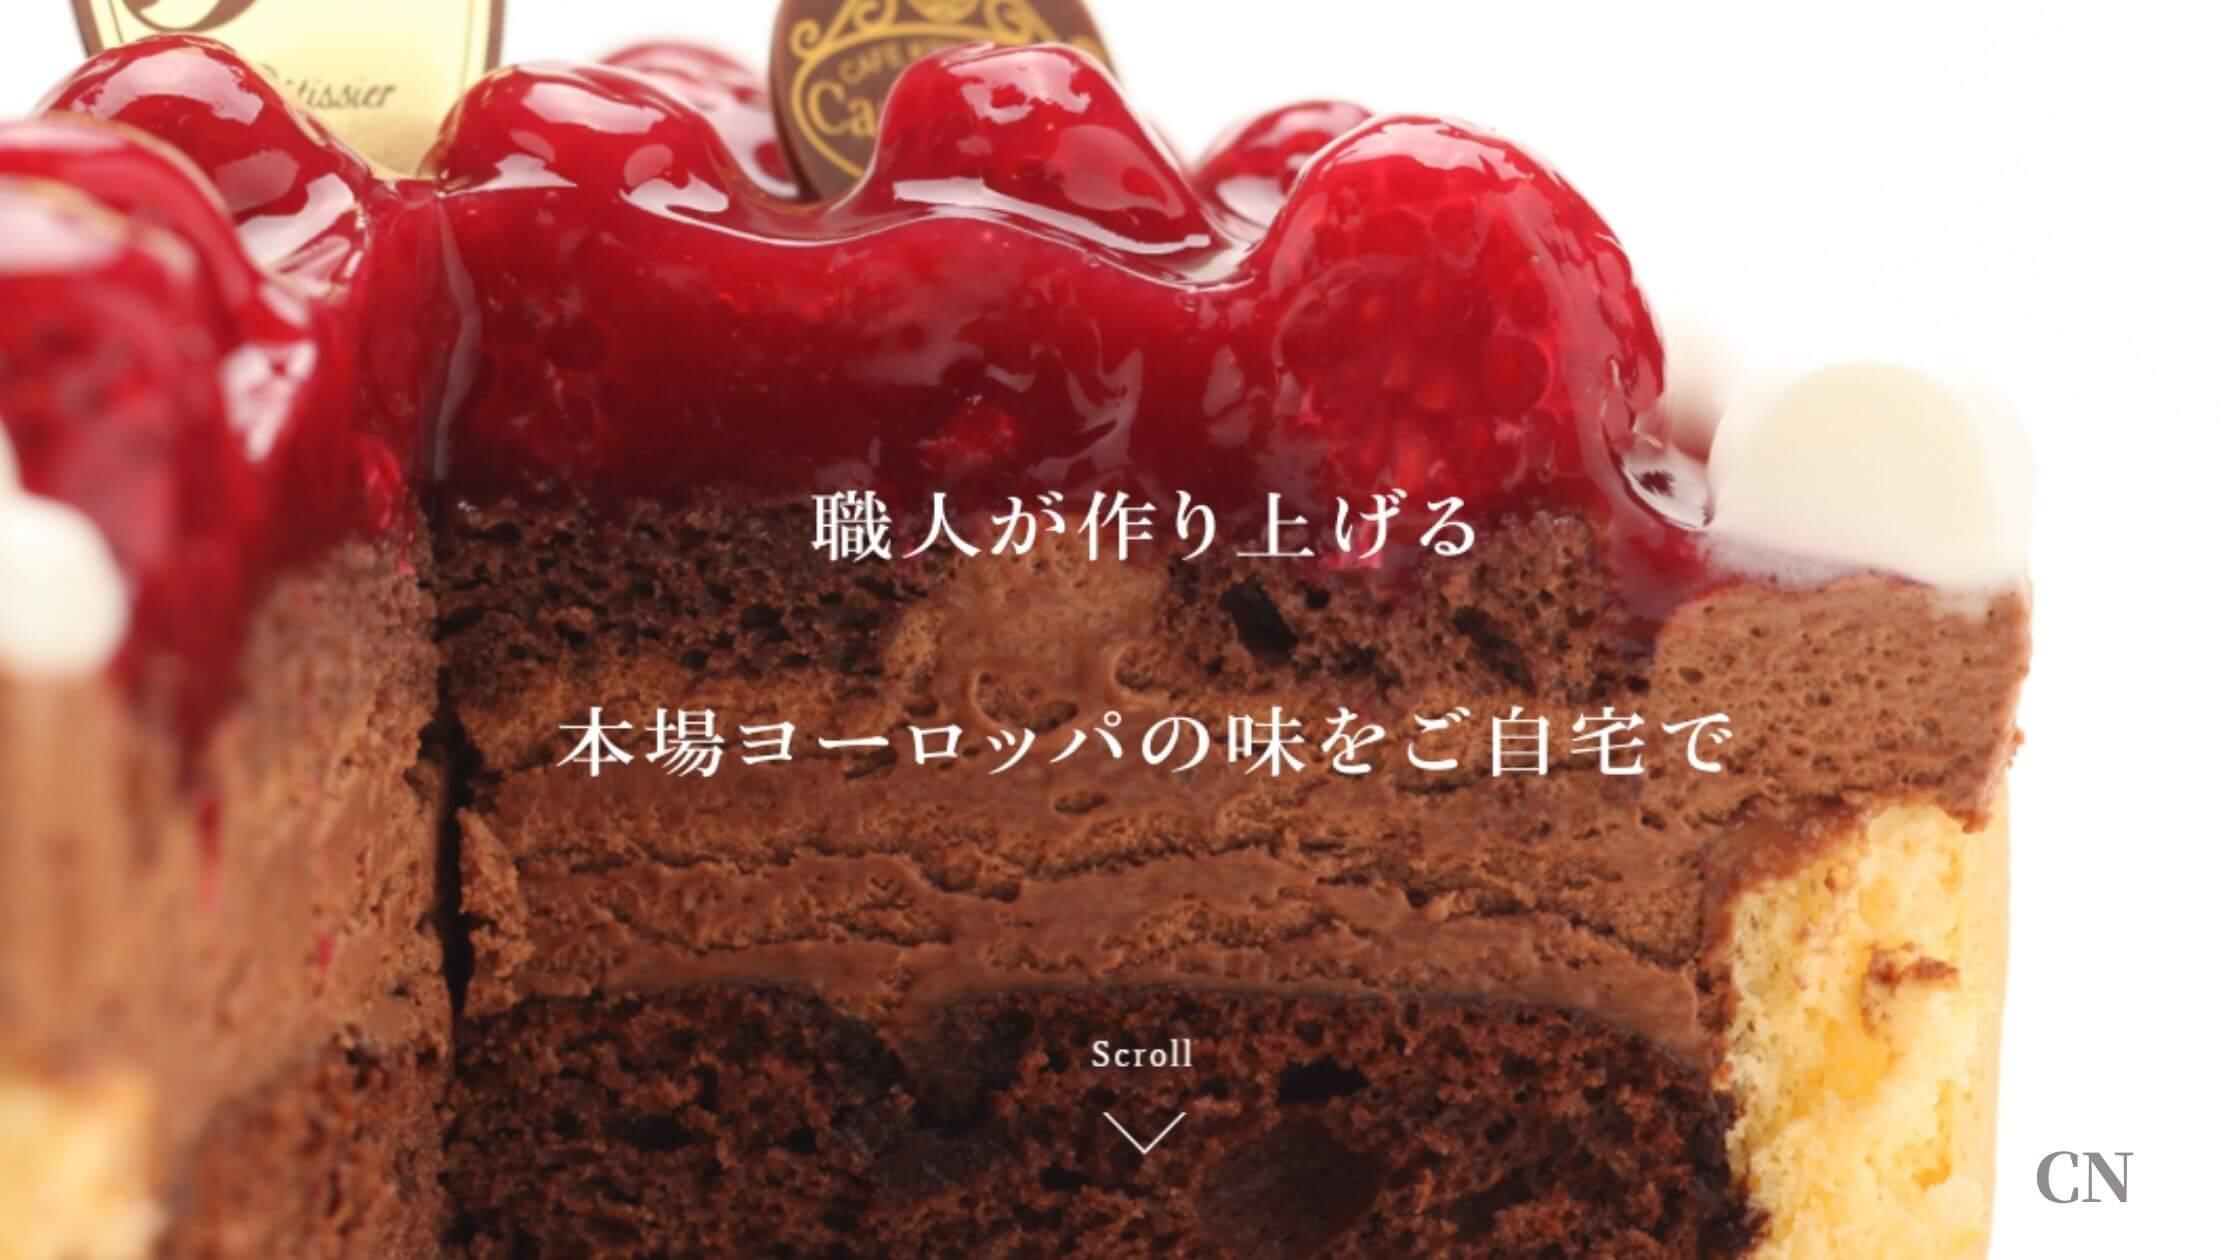 【口コミ】カサミンゴー(CASA MINGO)のケーキはまずい?評判を徹底調査